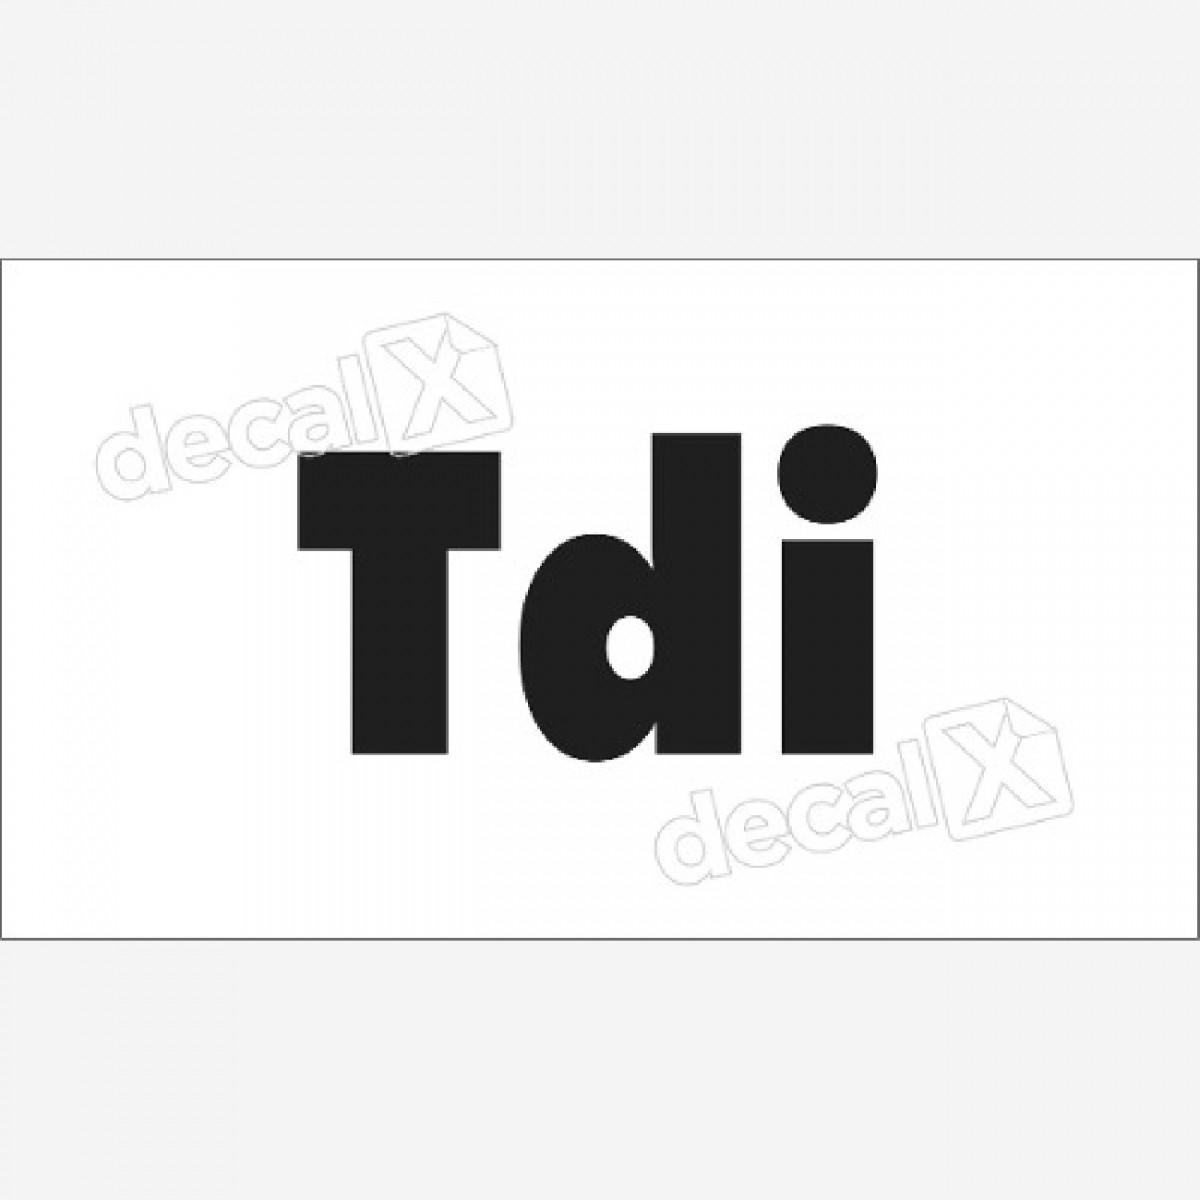 Emblema Adesivo Land Rover Defender Tdi Decalx